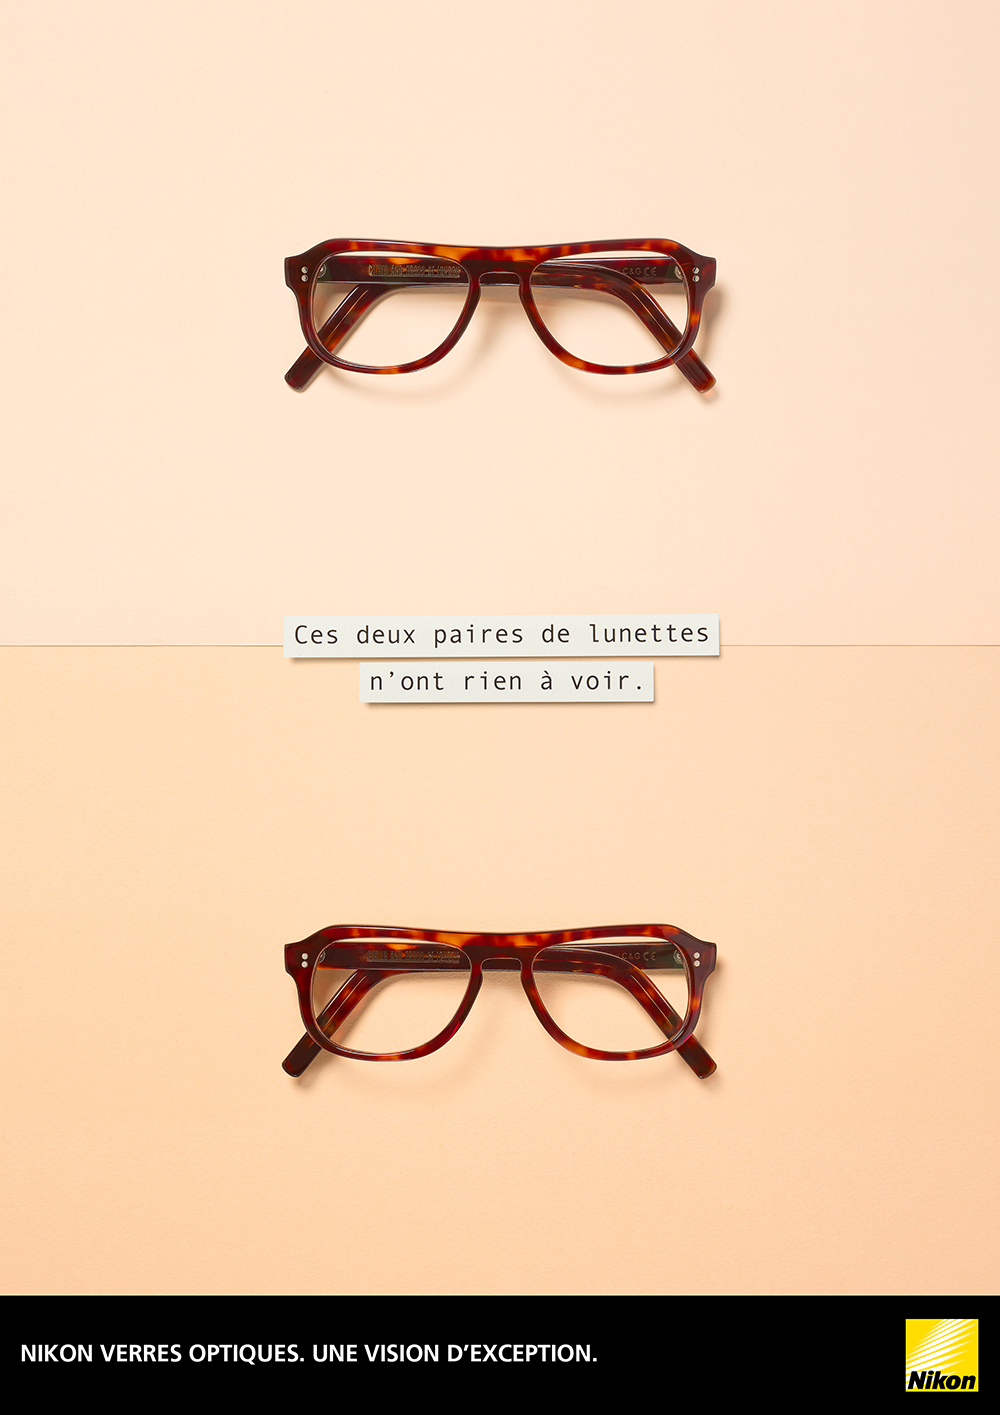 nikon-verres-optiques-publicite-print-affiche-optical-jeux-de-mots-vue-vision-agence-altmann-pacreau-1